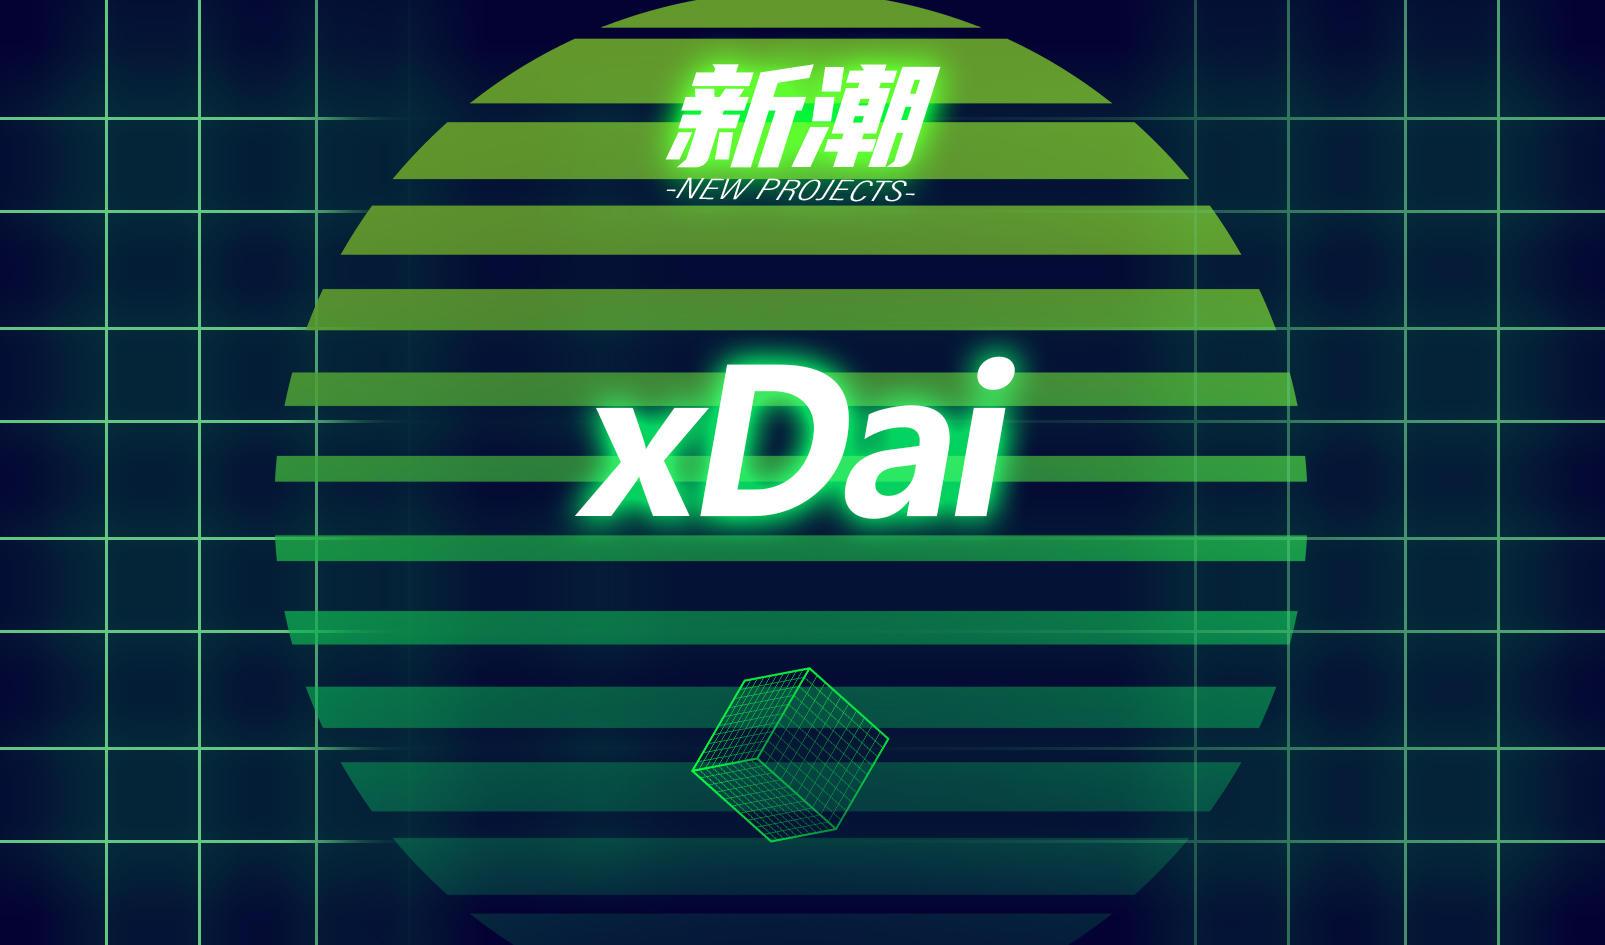 纵览以太坊侧链xDai生态全景